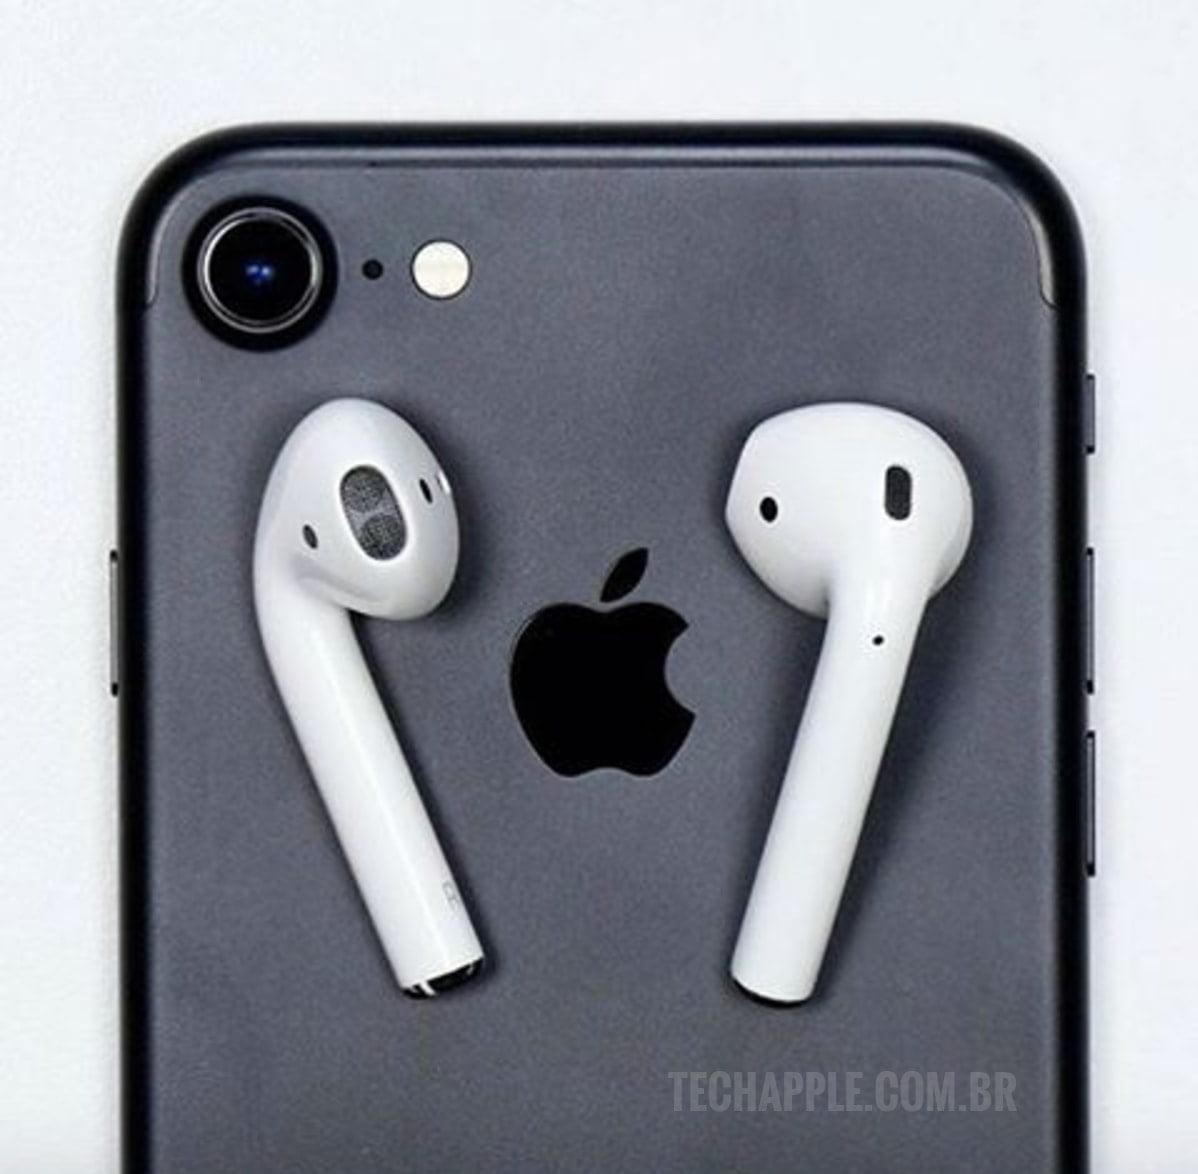 Como baixar músicas de graça pelo iPhone ou iPad sem o iTunes   TechApple.com.br